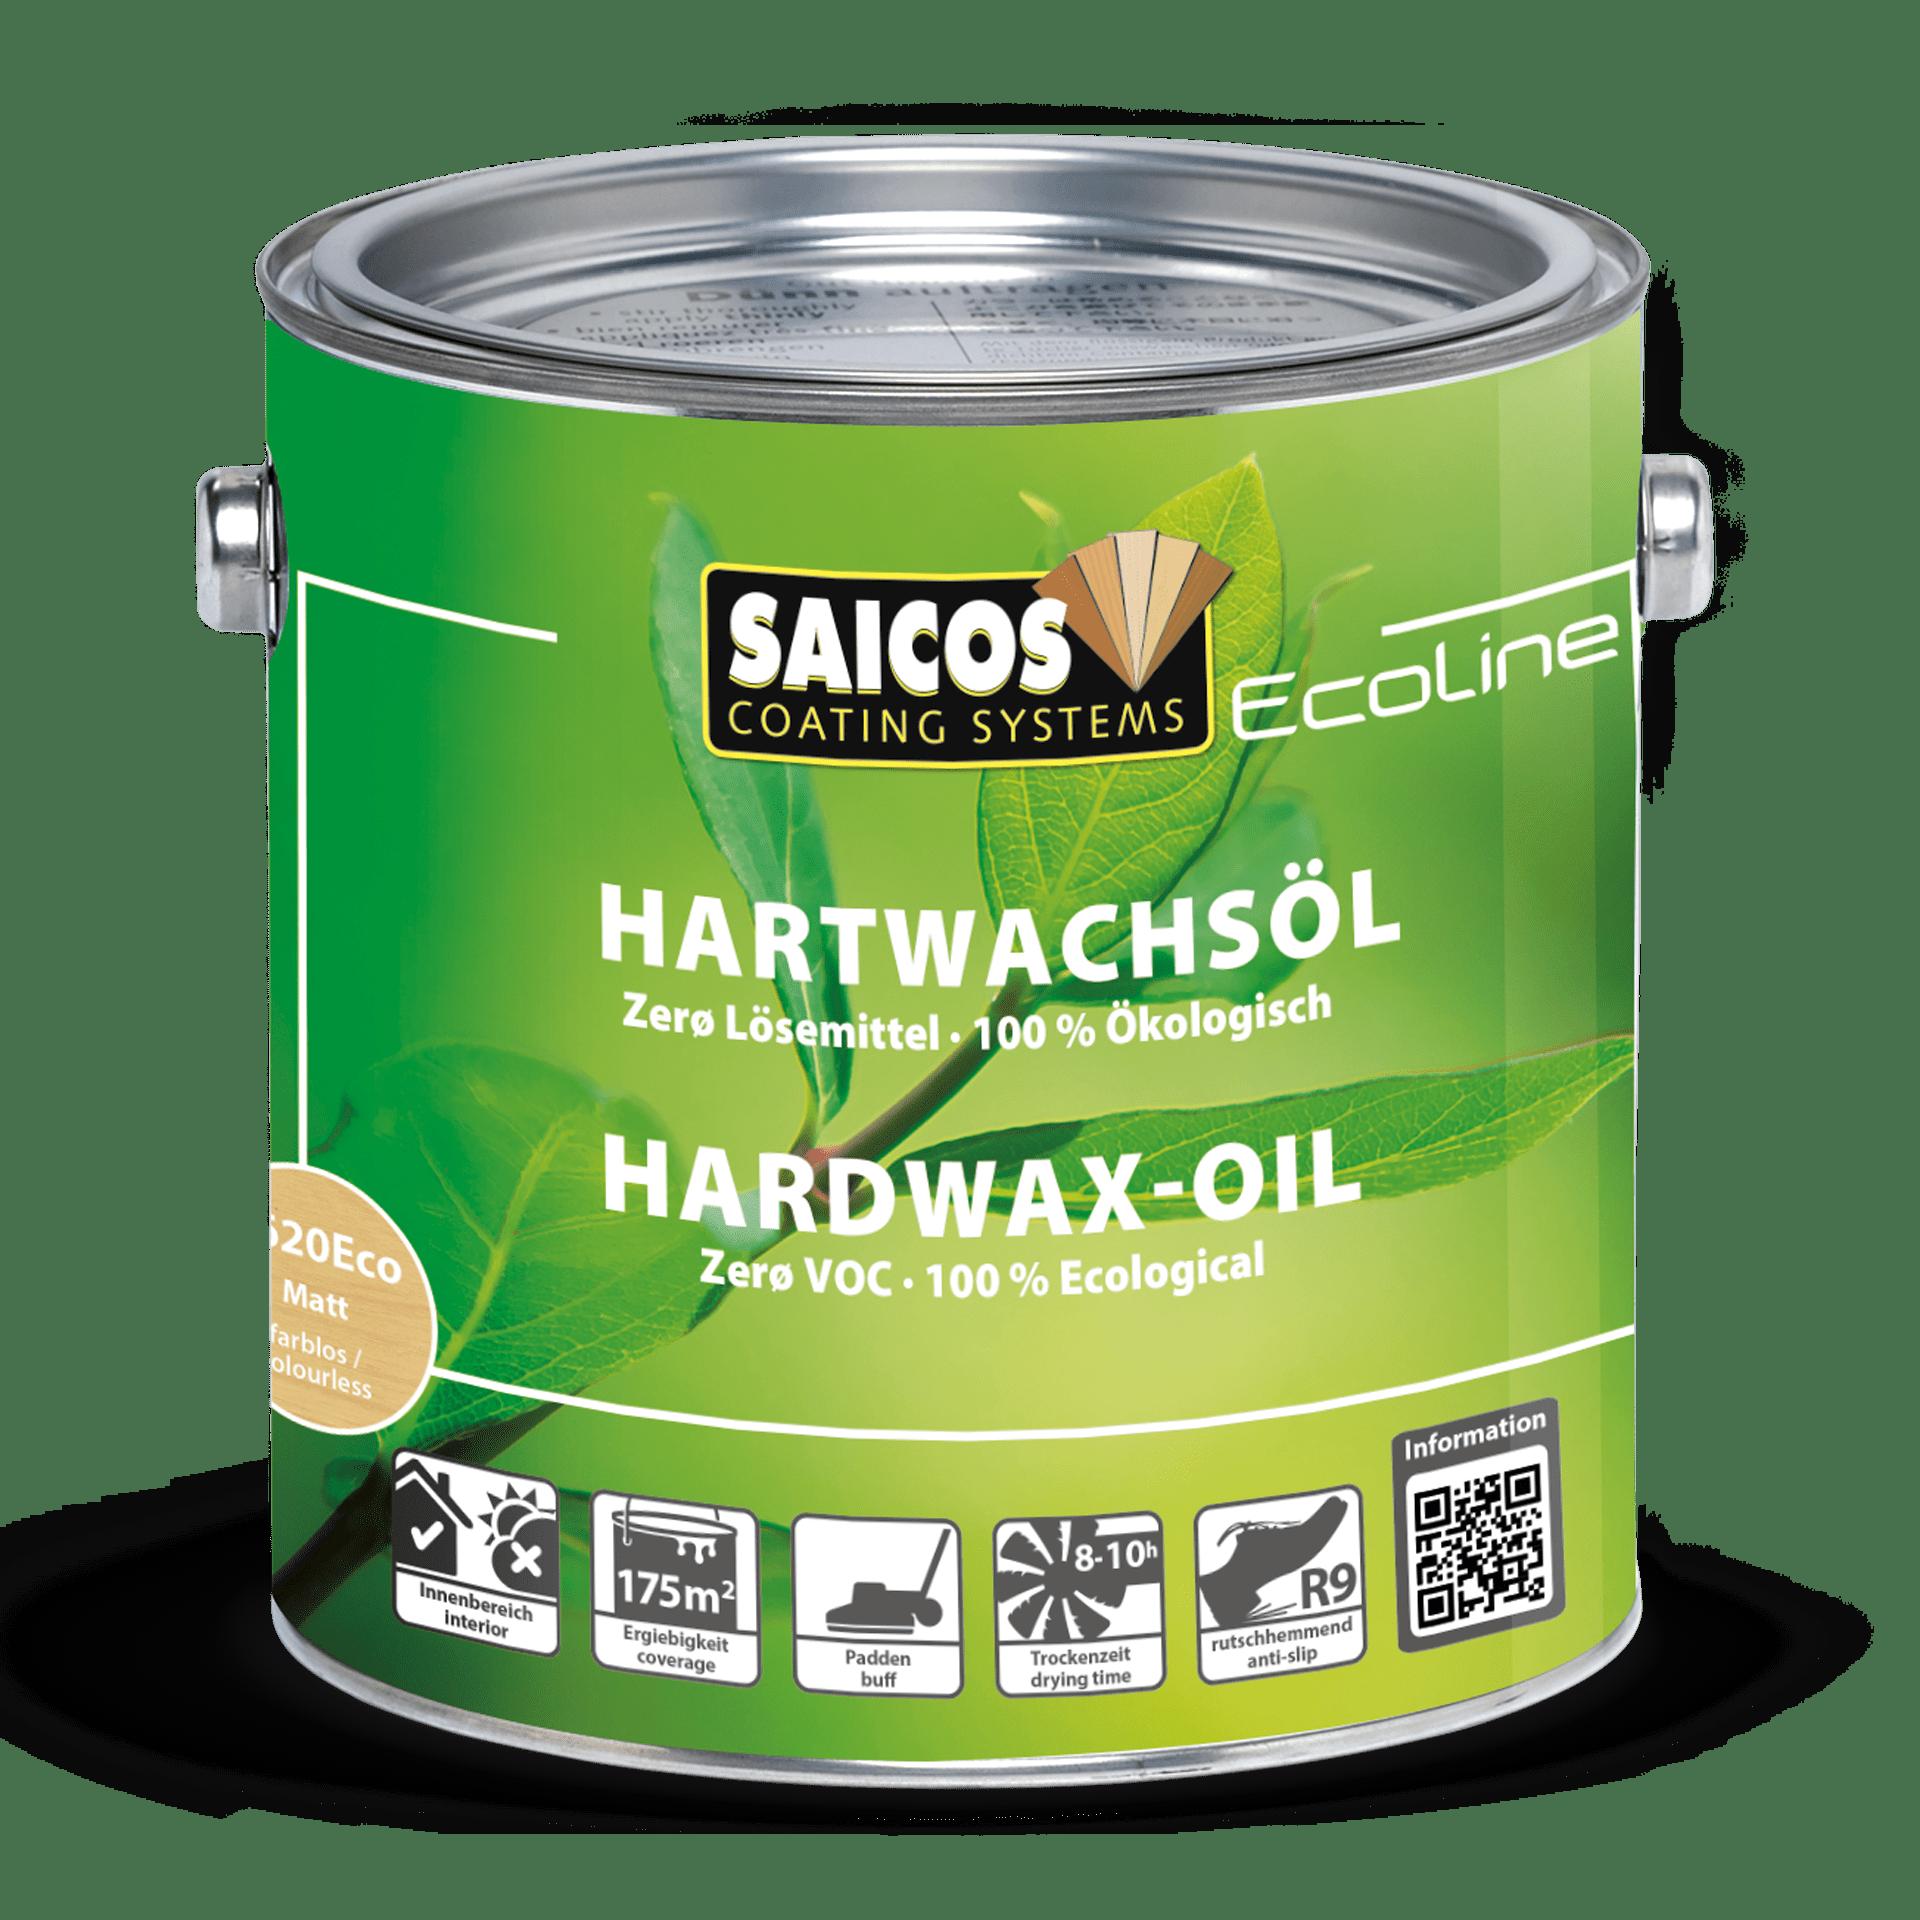 Saicos Ecoline Hartwachsöl